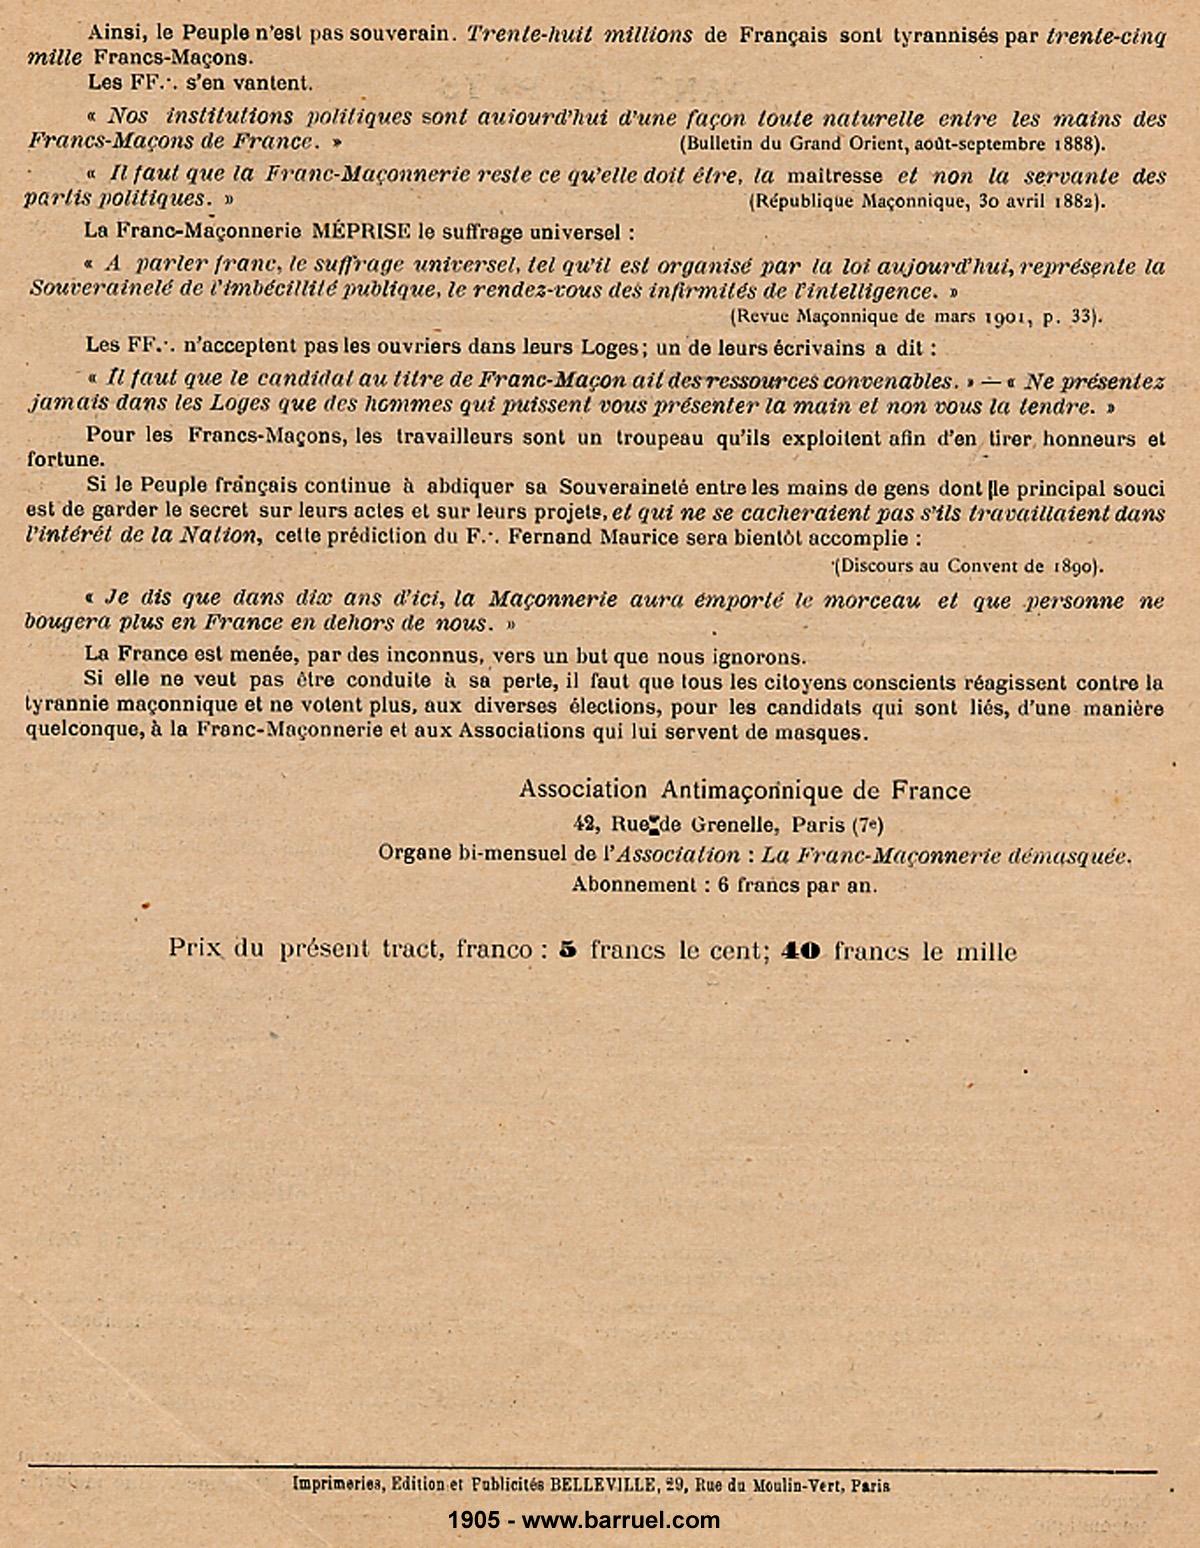 La dictature de la franc-maçonnerie sur la France, extraits inédits! Dictature-franc-maconnerie